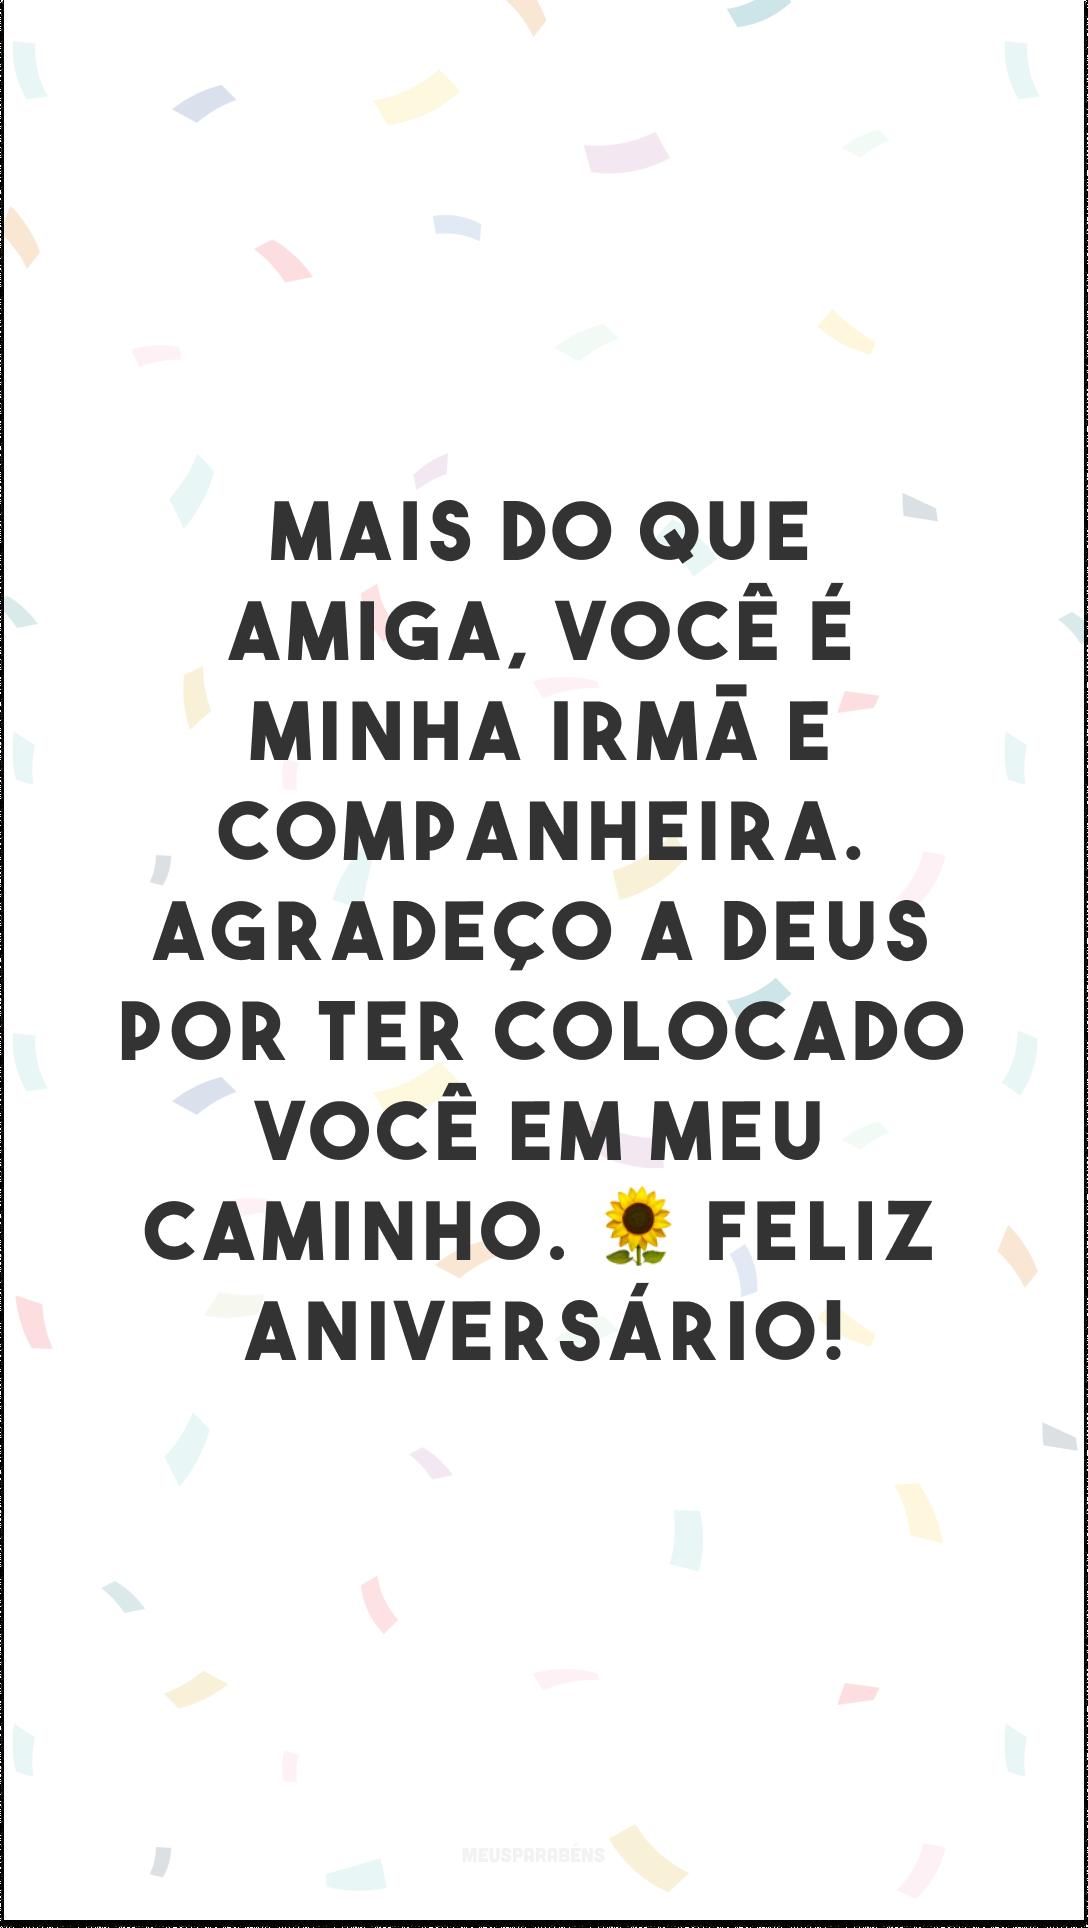 50 Frases De Aniversário Para Amiga Irmã Que Marcam Essa Amizade